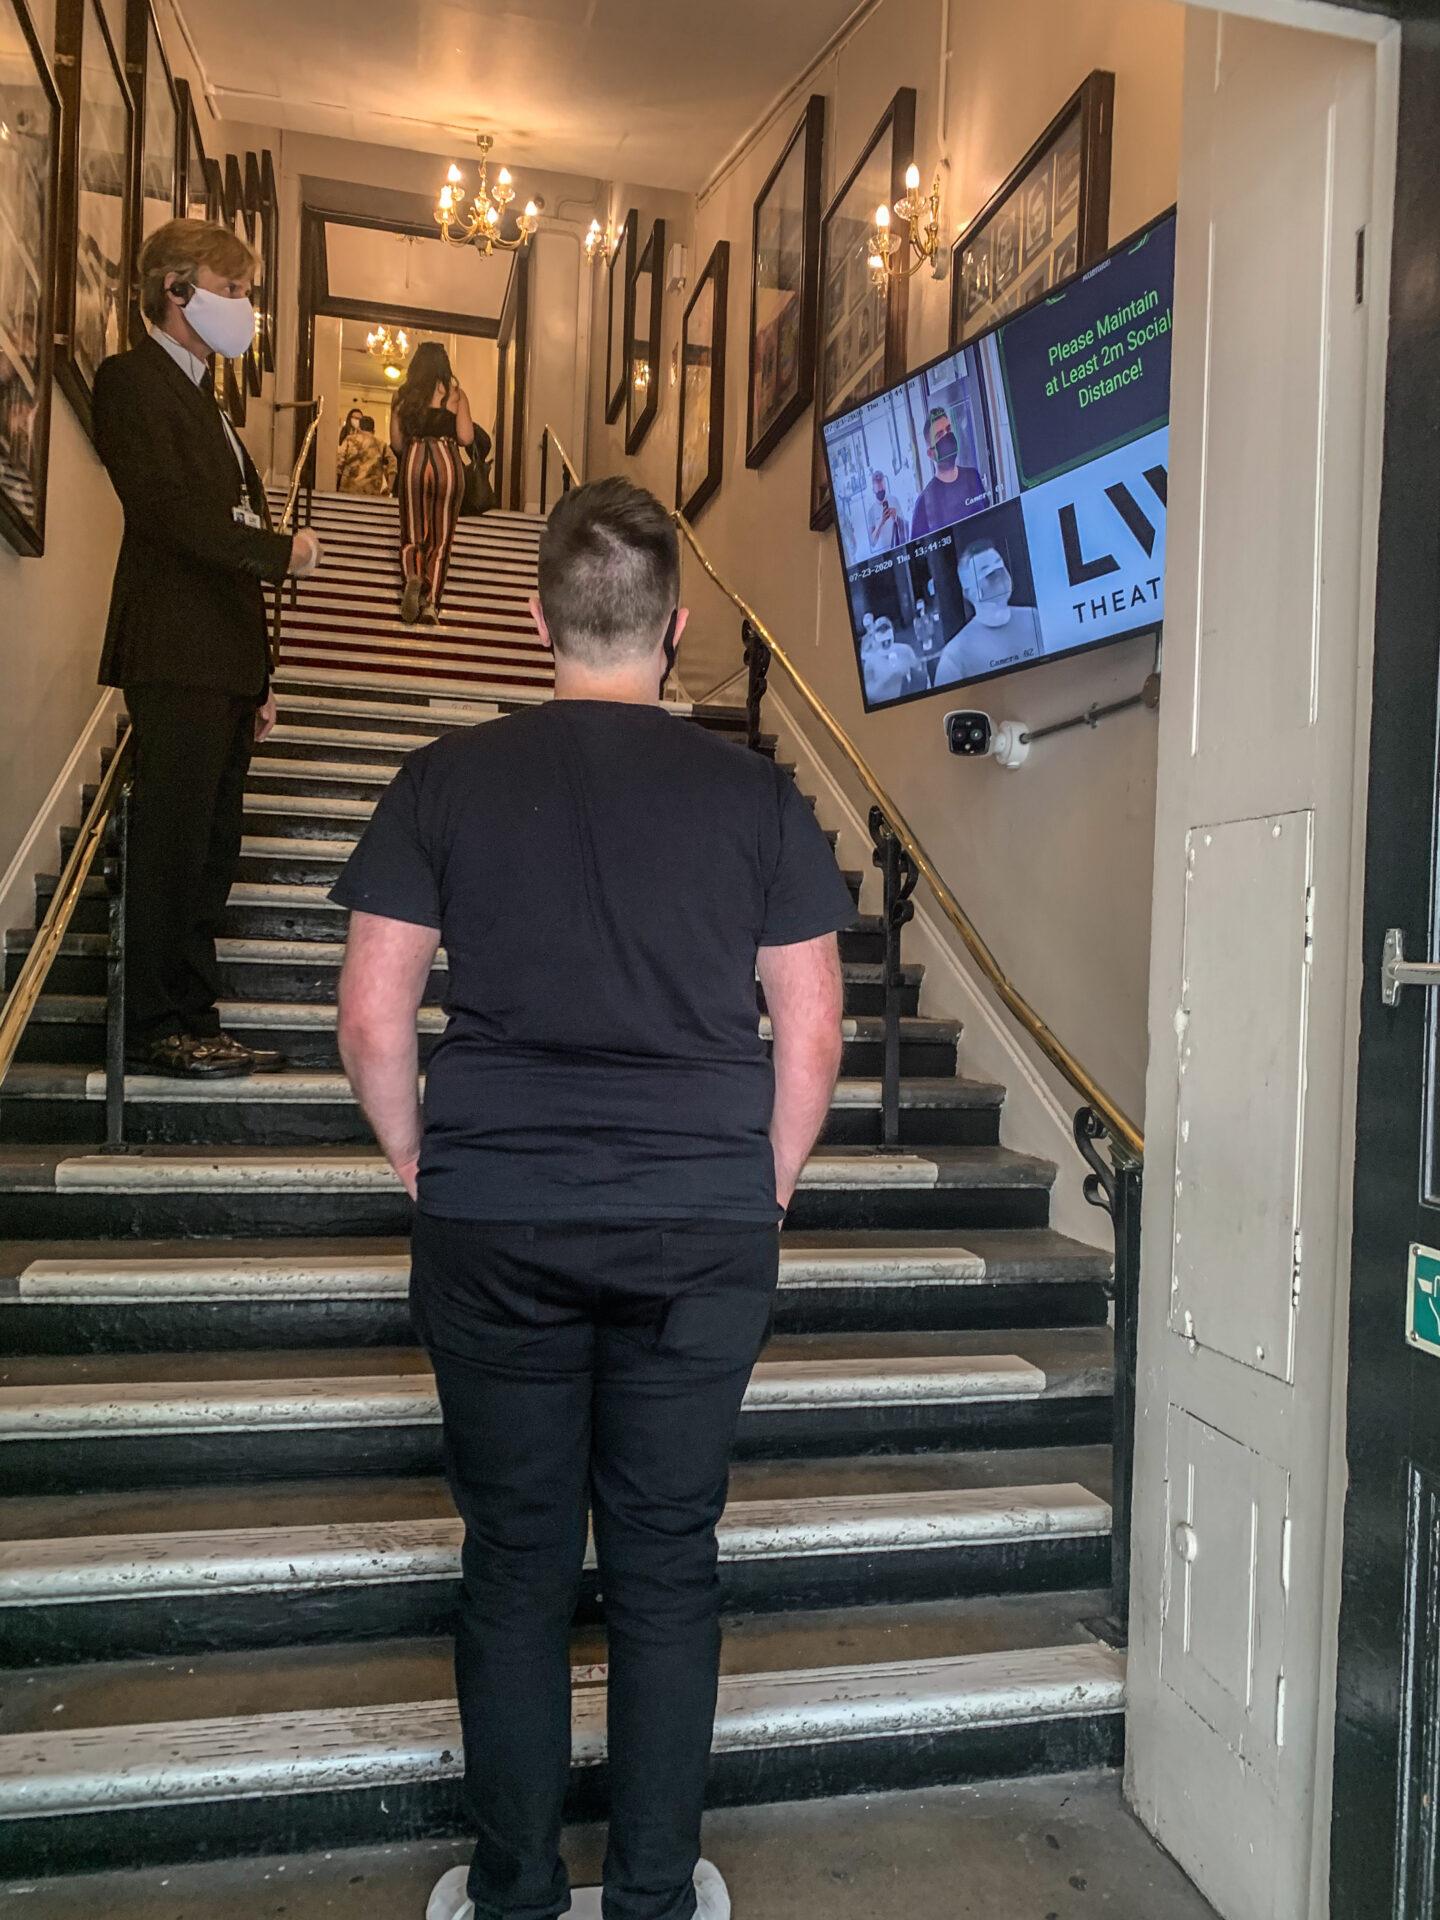 Temperature checks at the theatre doors